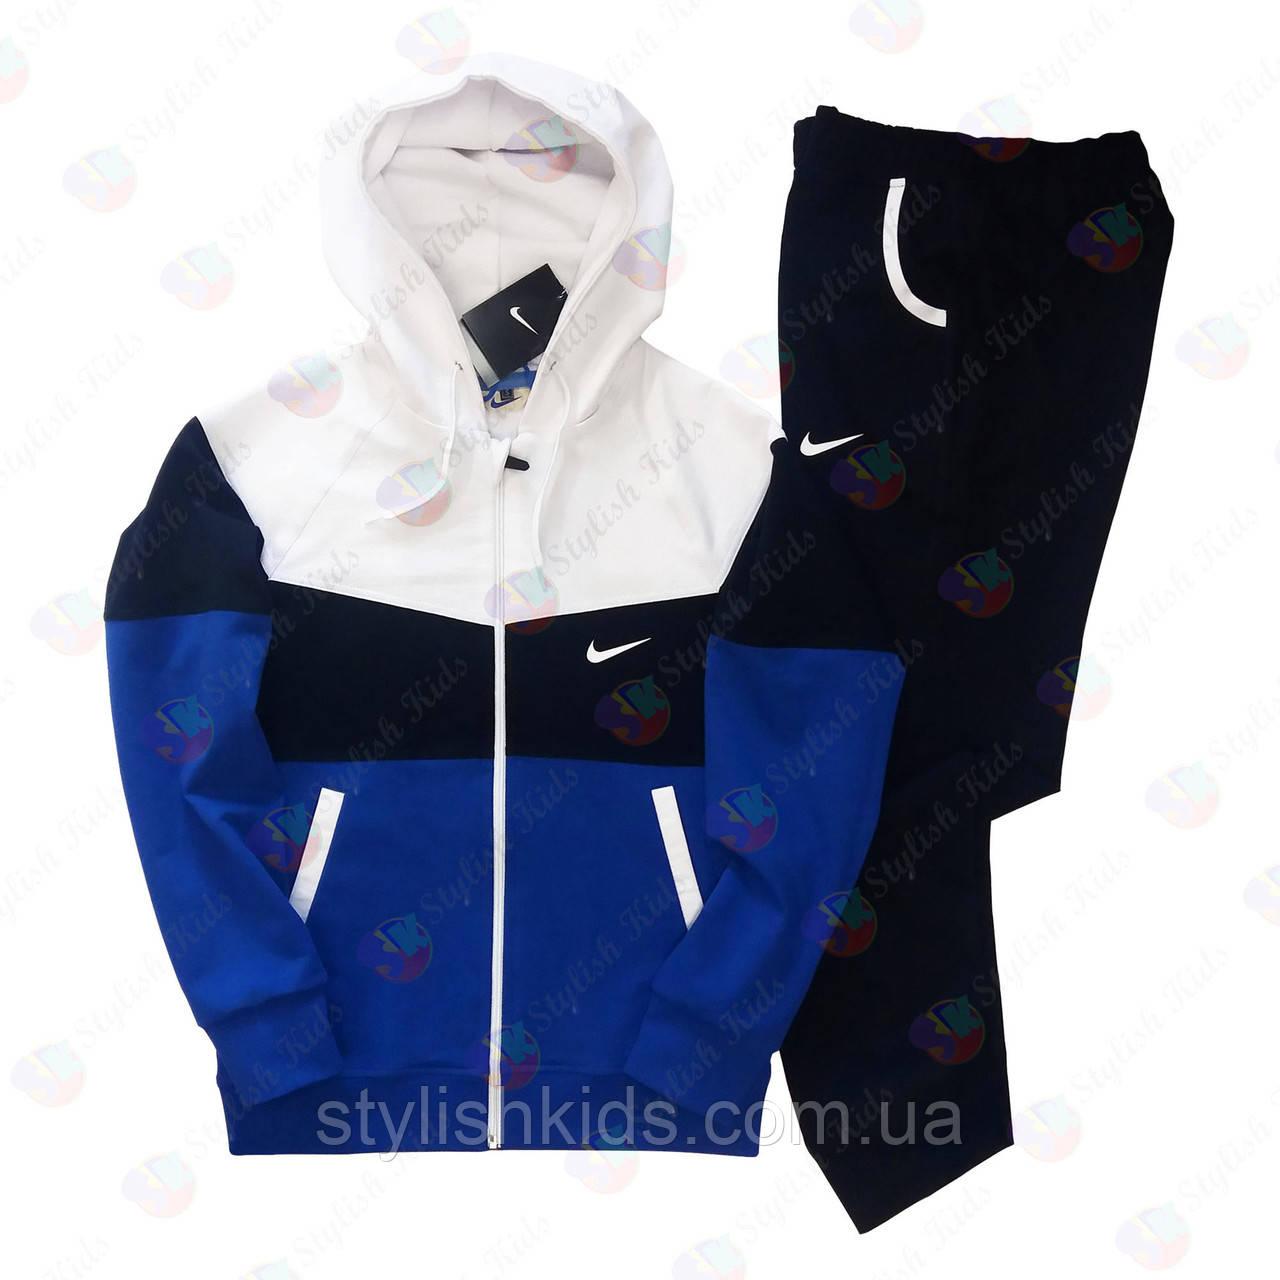 d5c270b593a0c9 Купить спортивный костюм на мальчика Найк в Украине пром.юа.Костюм  спортивный на мальчика